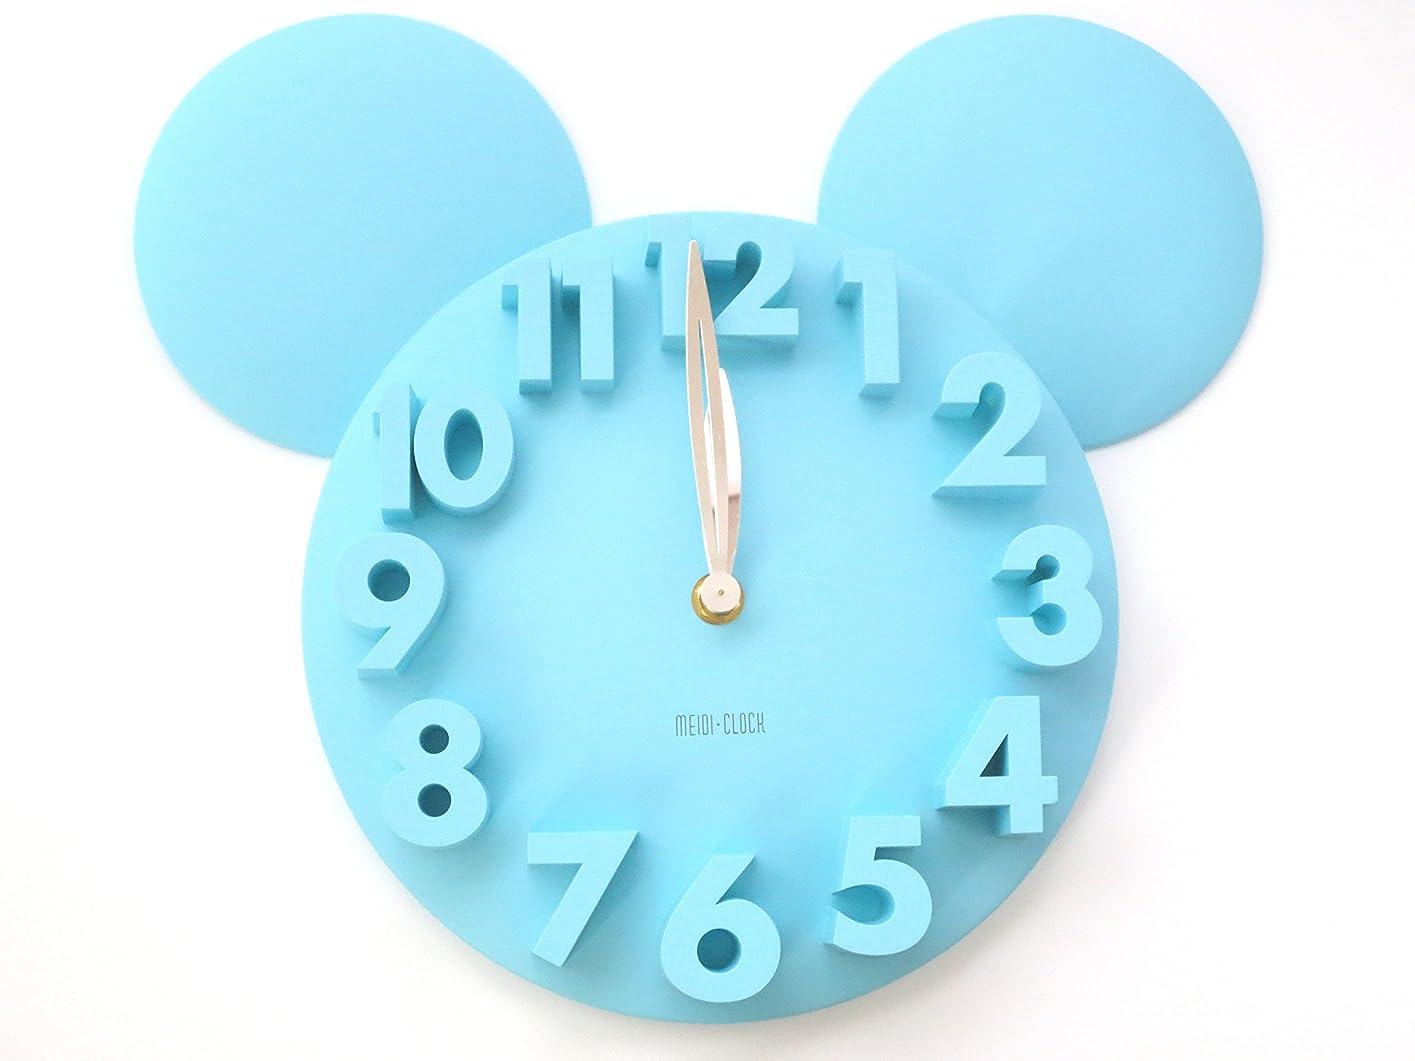 セットするピボット送る掛け時計 3D ウォール クロック / 壁掛け 時計 アニマル シルエット 軽量 タイプ